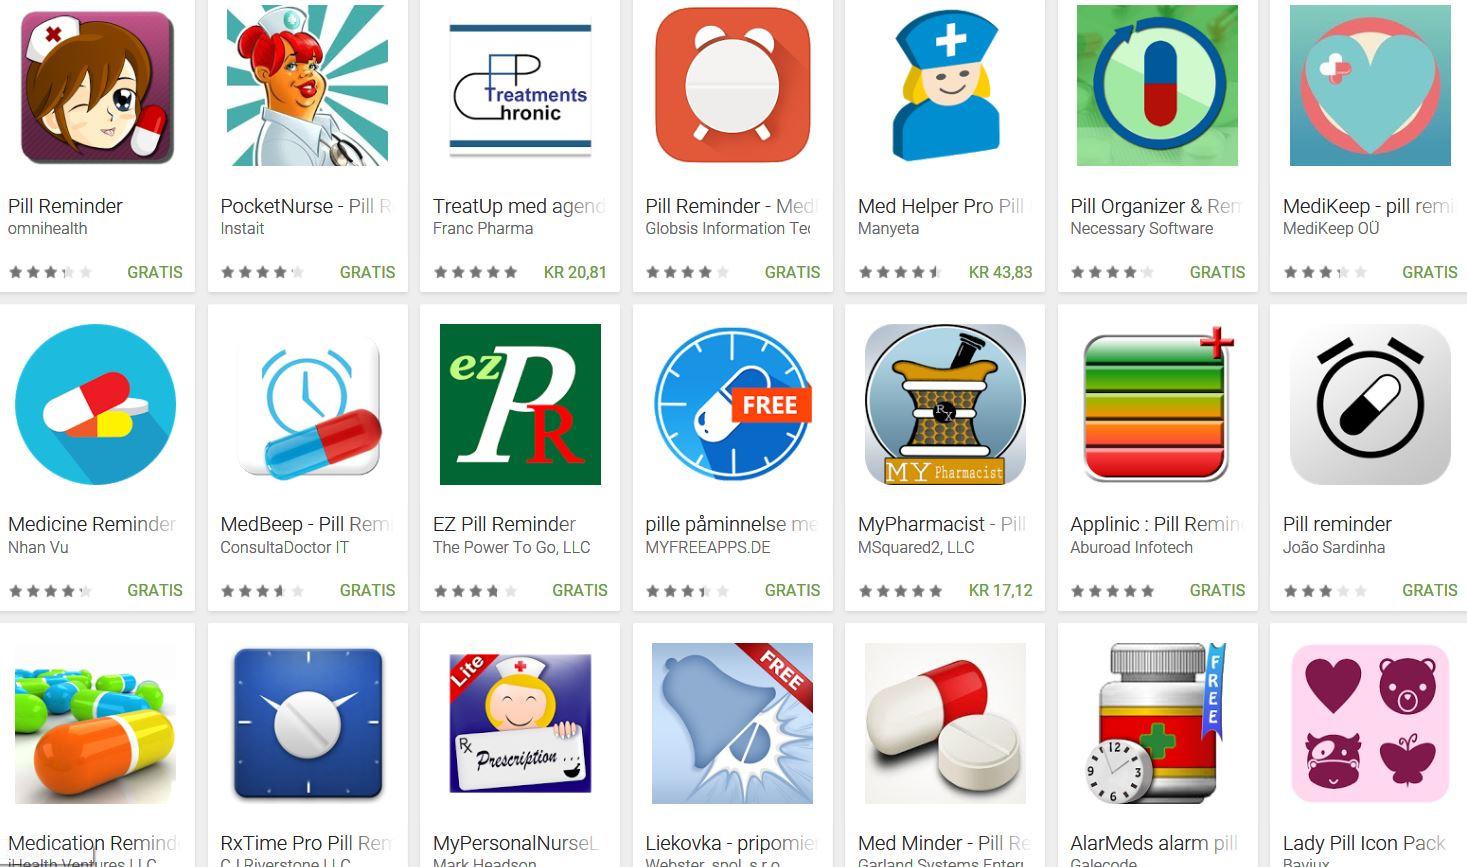 Mange appsymboler for medisinapper